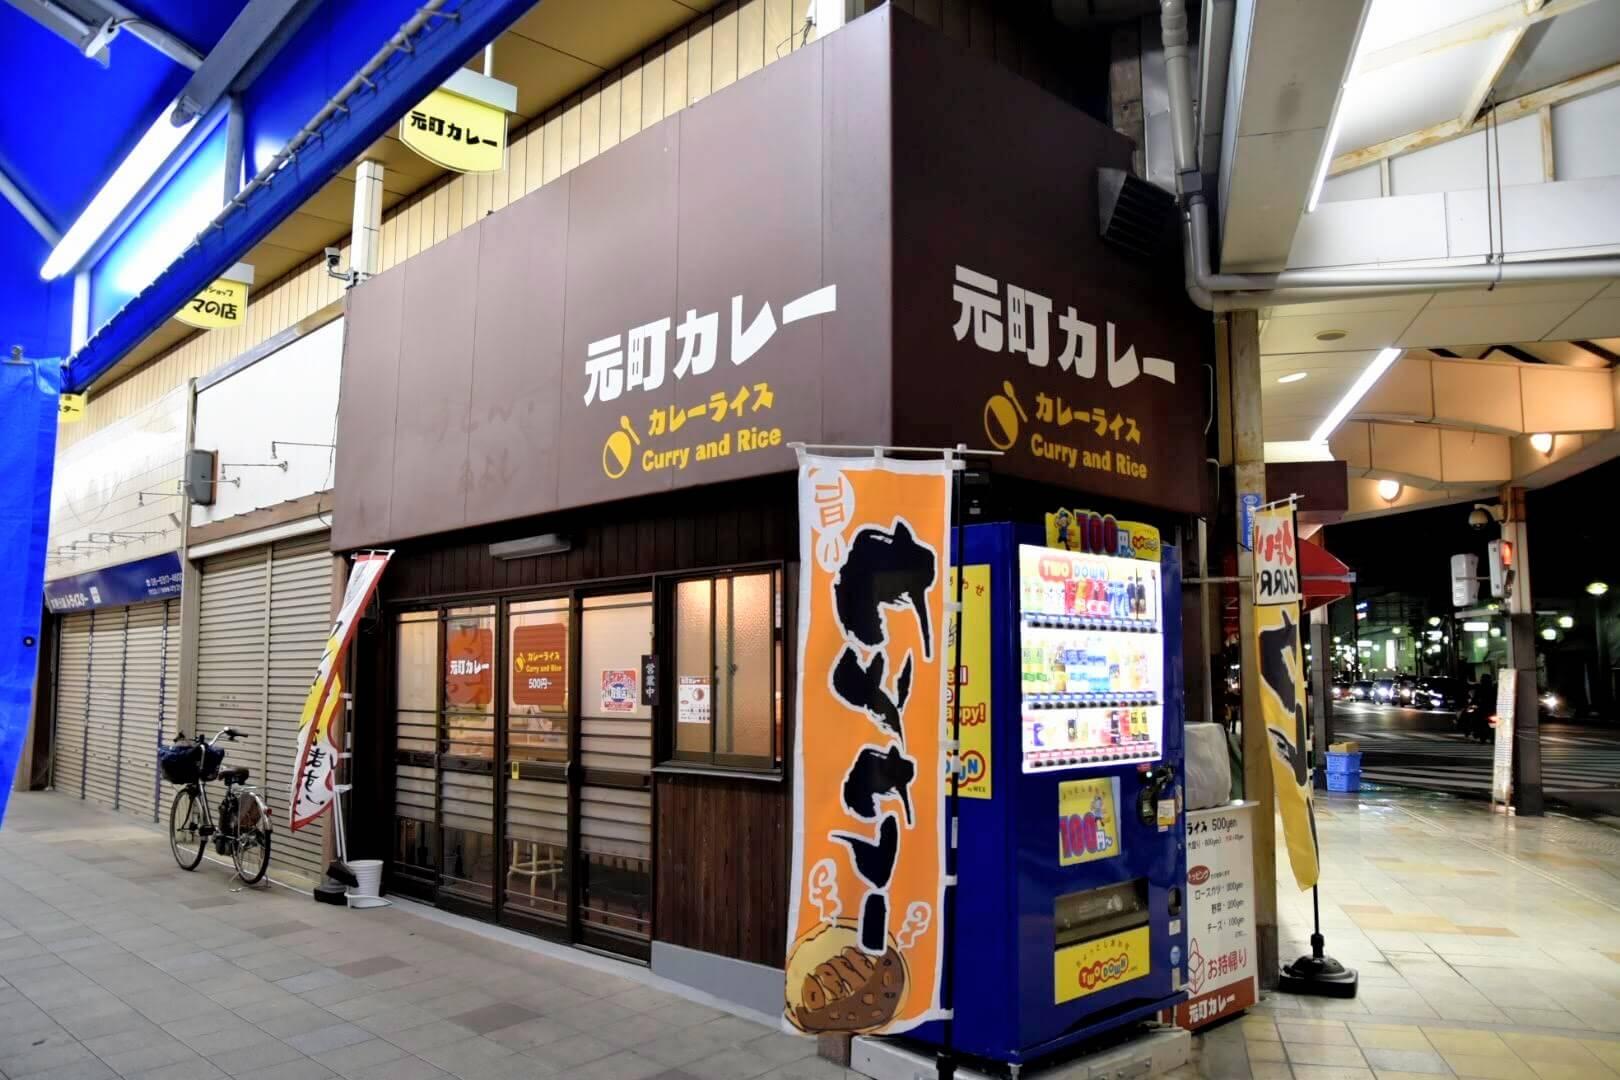 元町カレーのお店全体写真